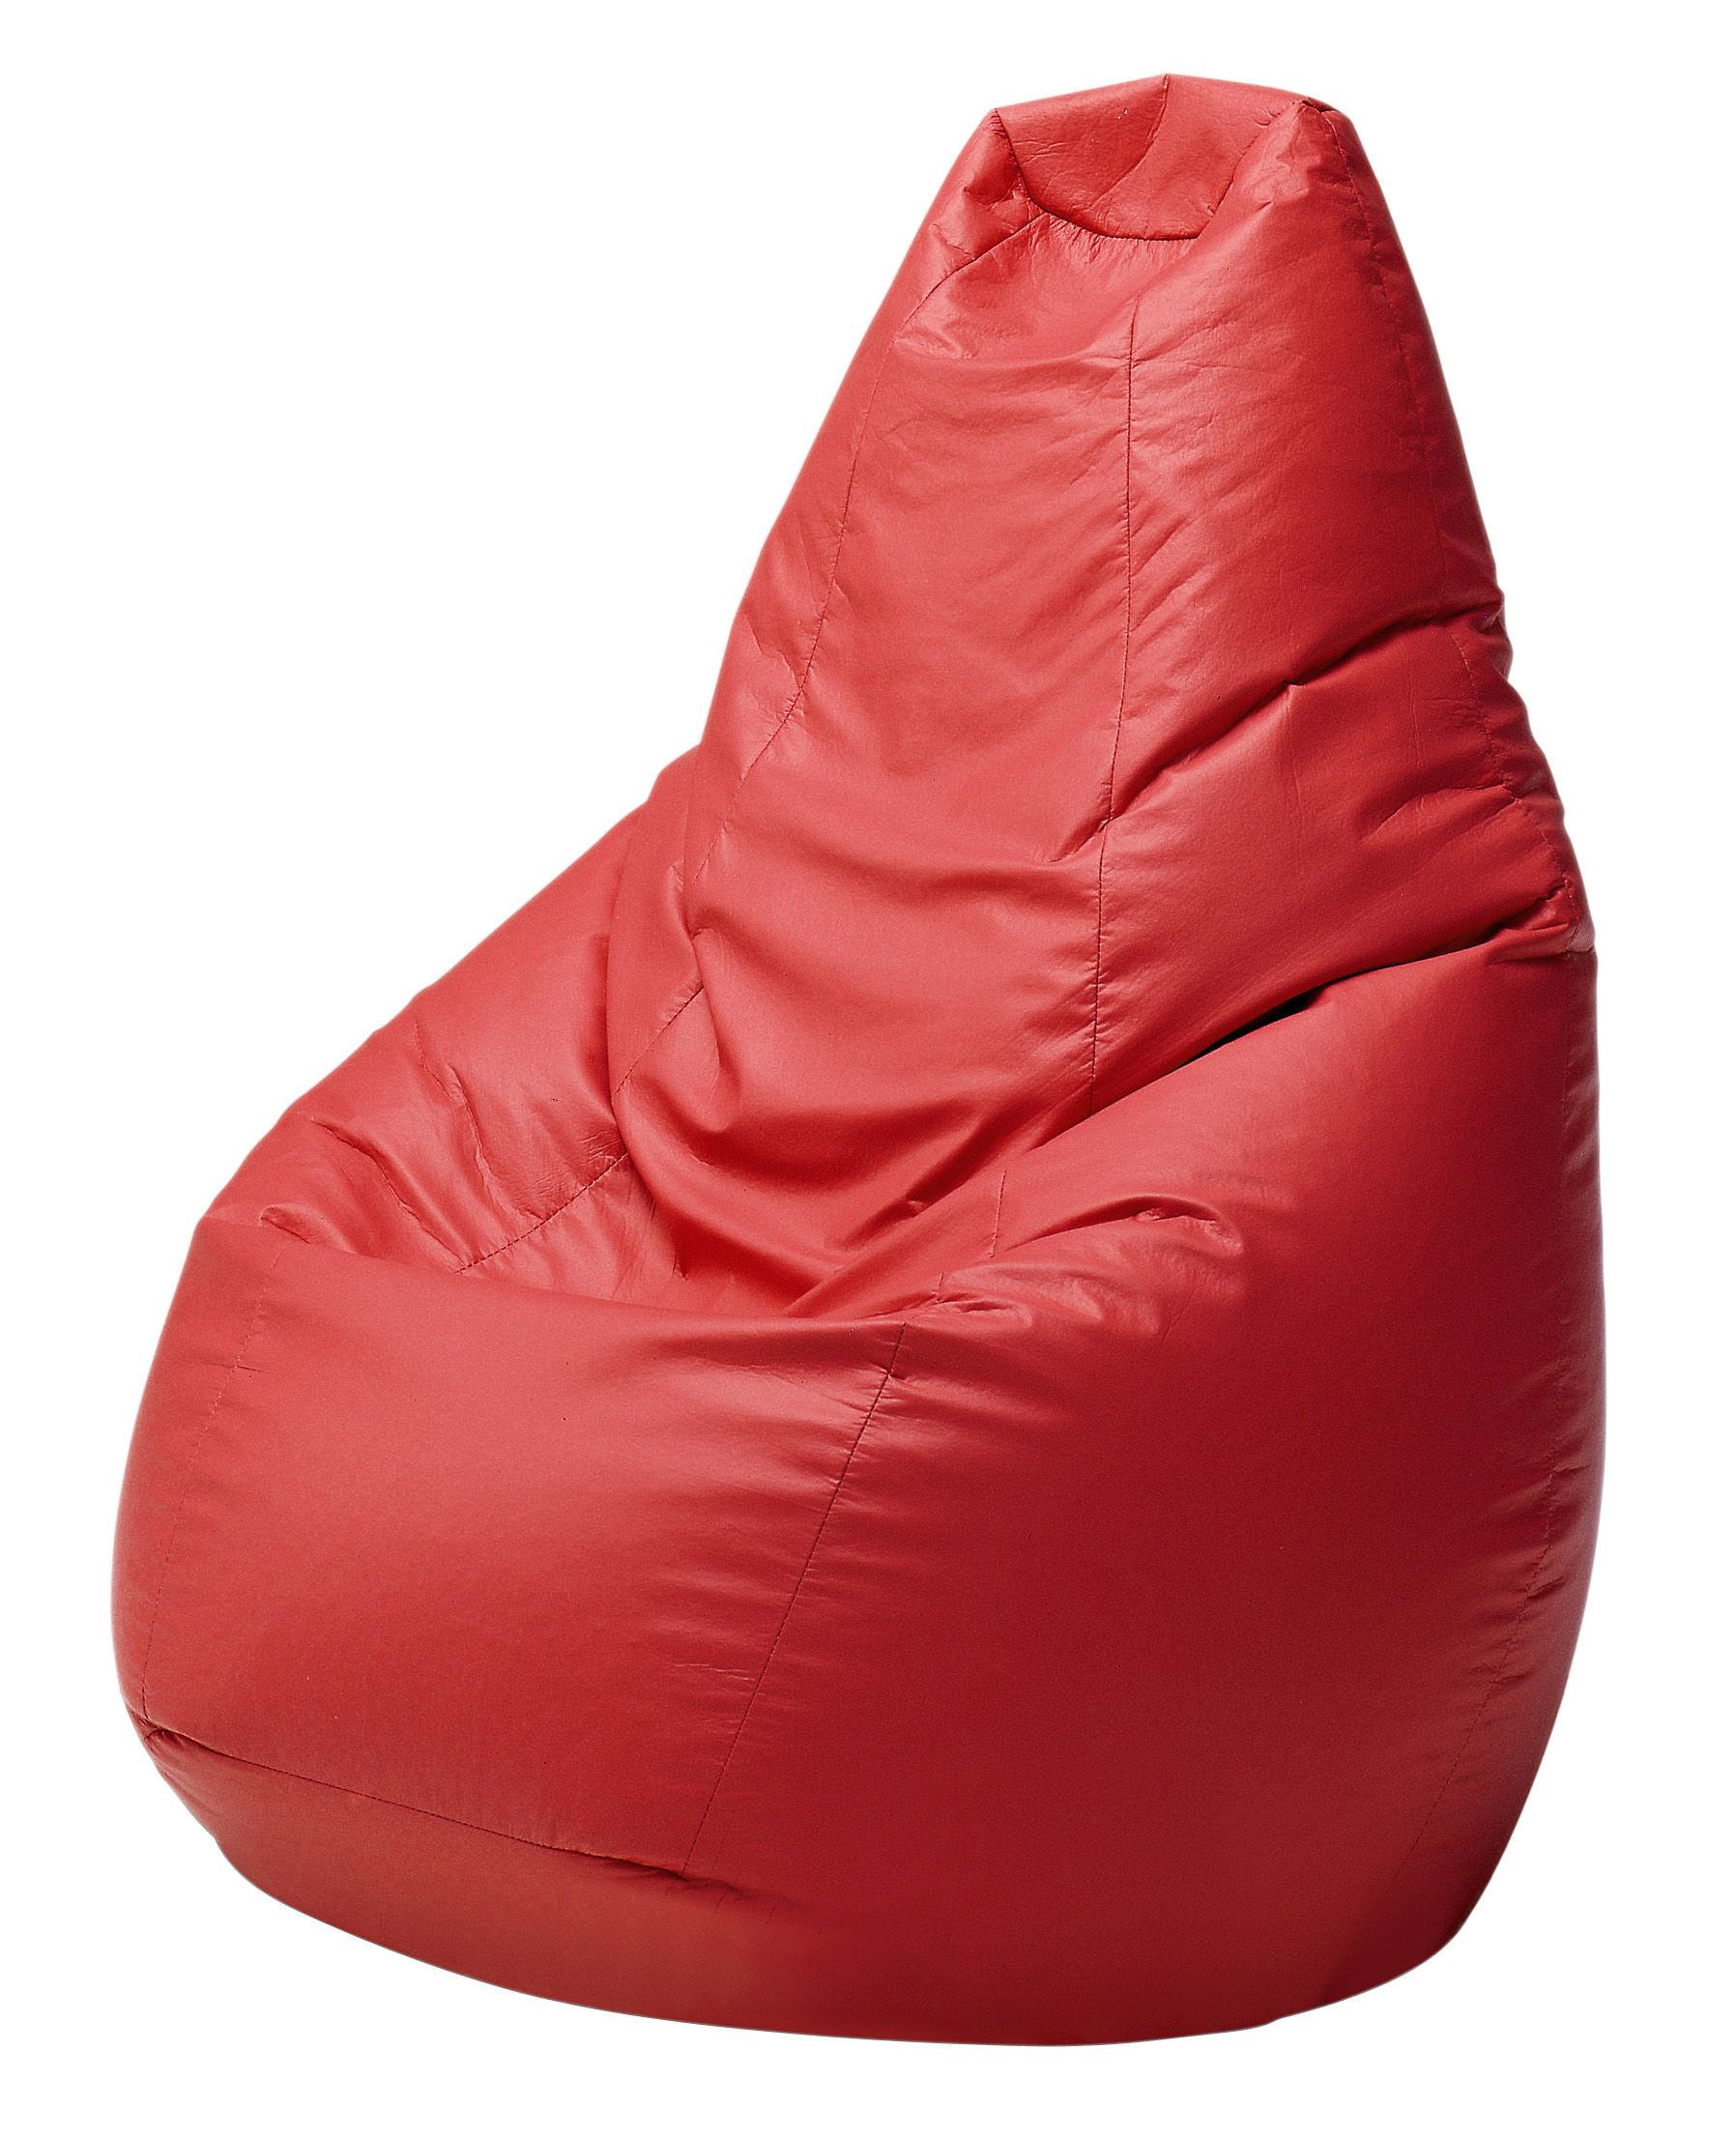 Scopri Pouf Sacco Outdoor, Rosso di Zanotta, Made In Design Italia